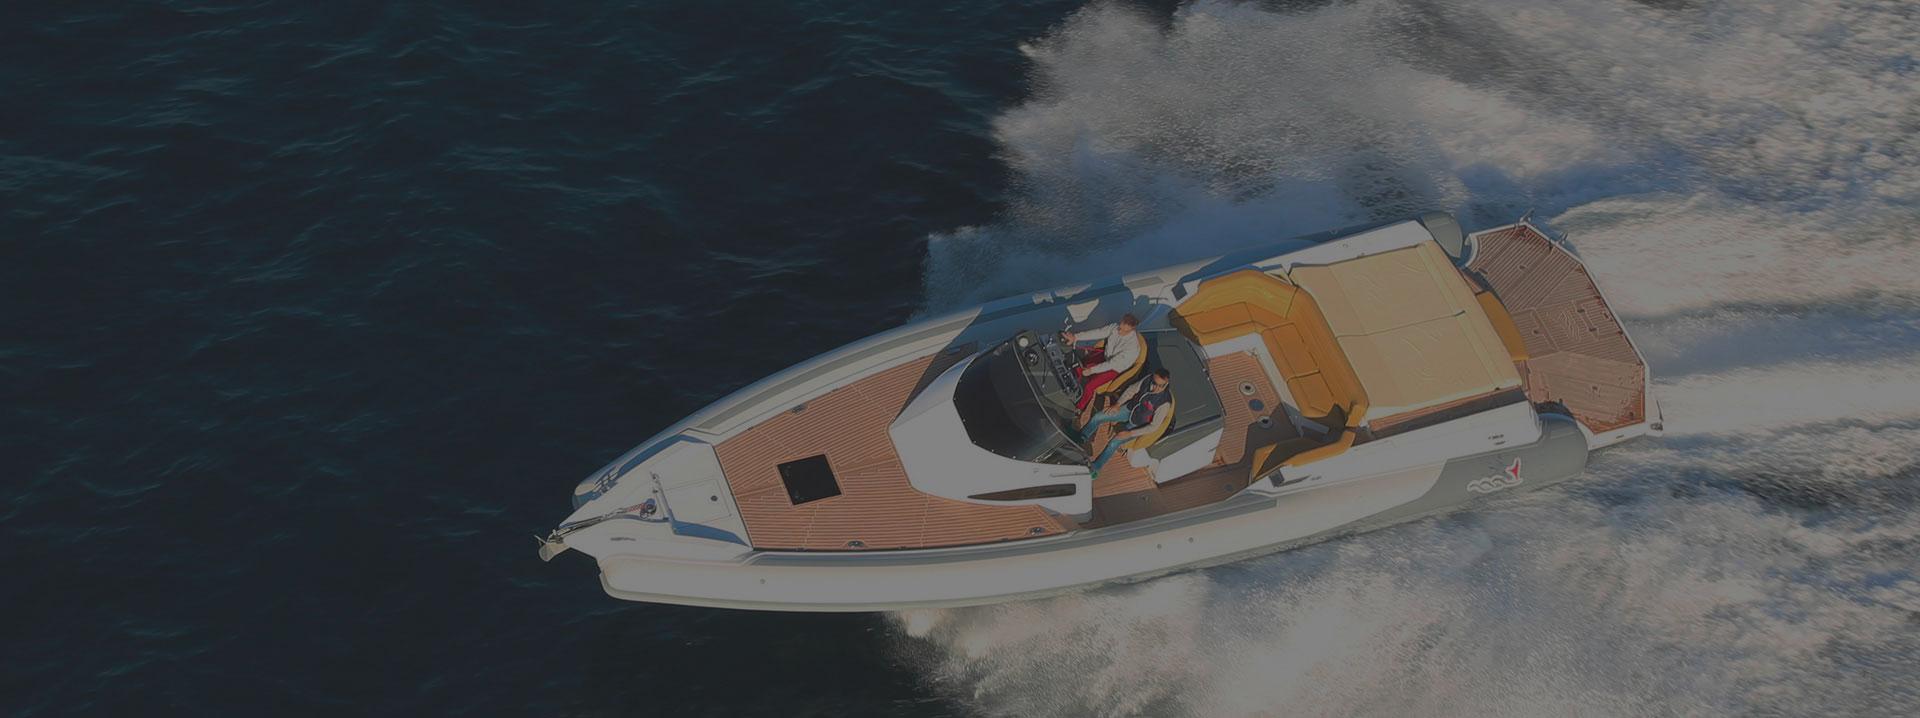 mito 45 mv marine brianza nautica